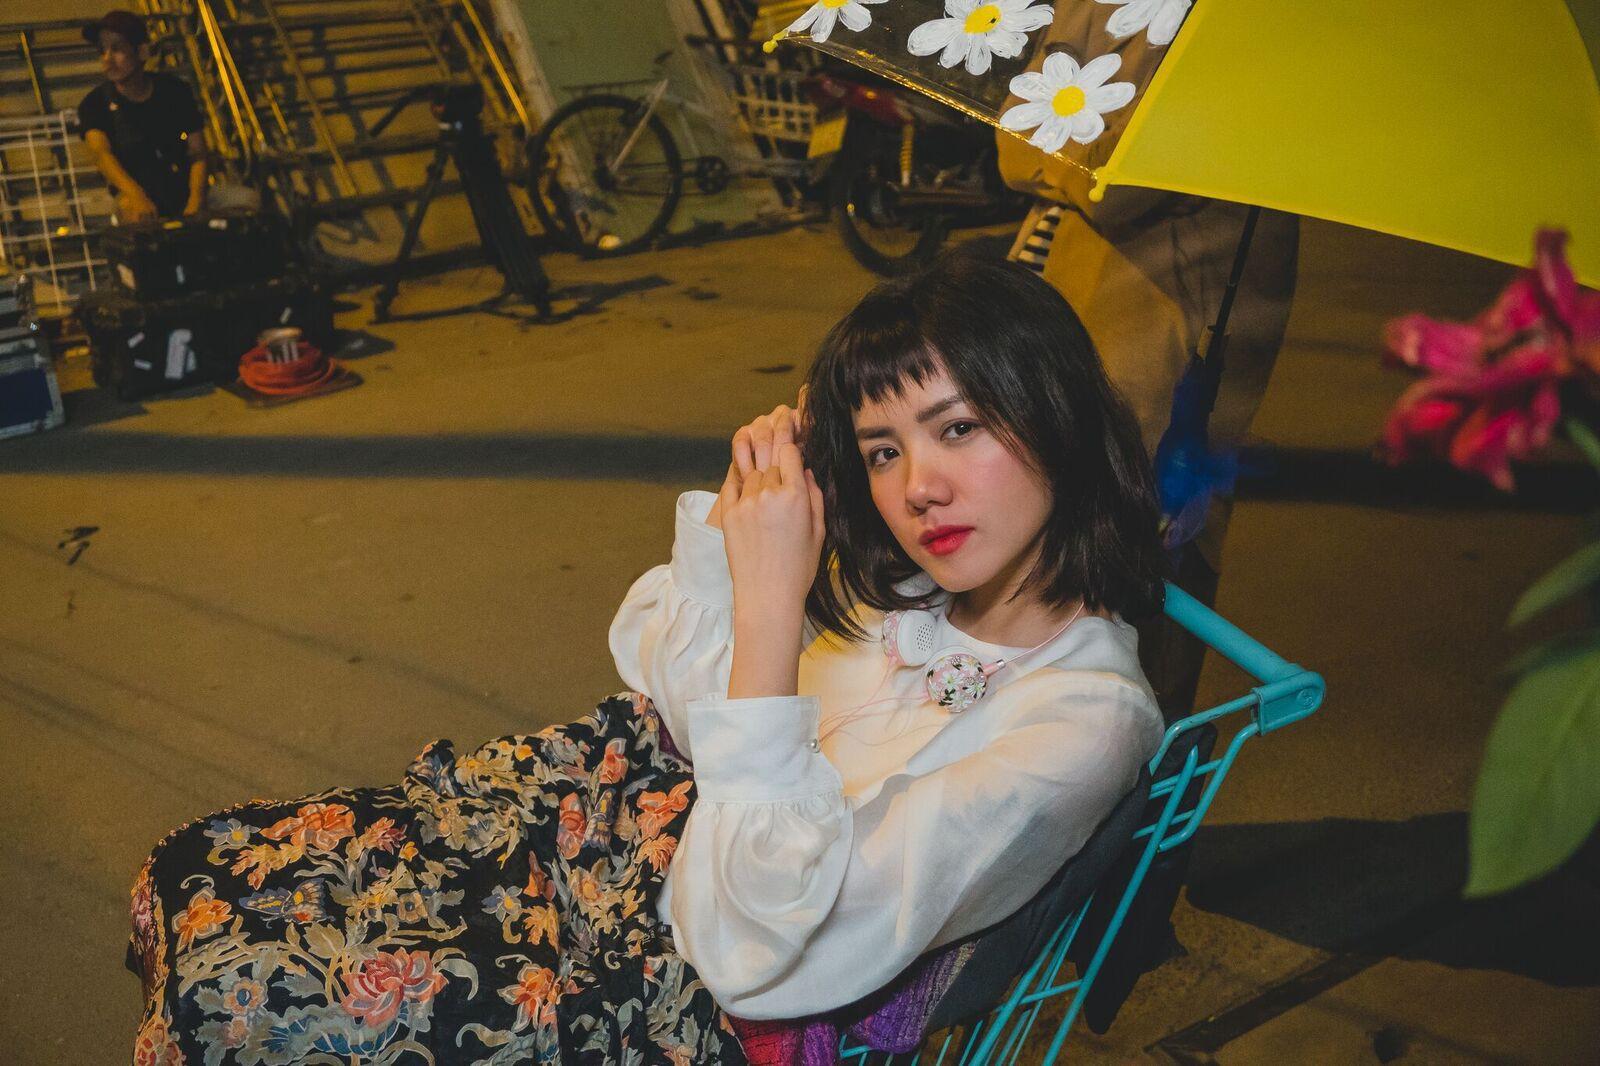 """Phương Ly - hành trình thoát mác """"hotgirl, """"em gái Phương Linh tới nữ ca sĩ ra bài nào hit bài đó - Ảnh 6."""